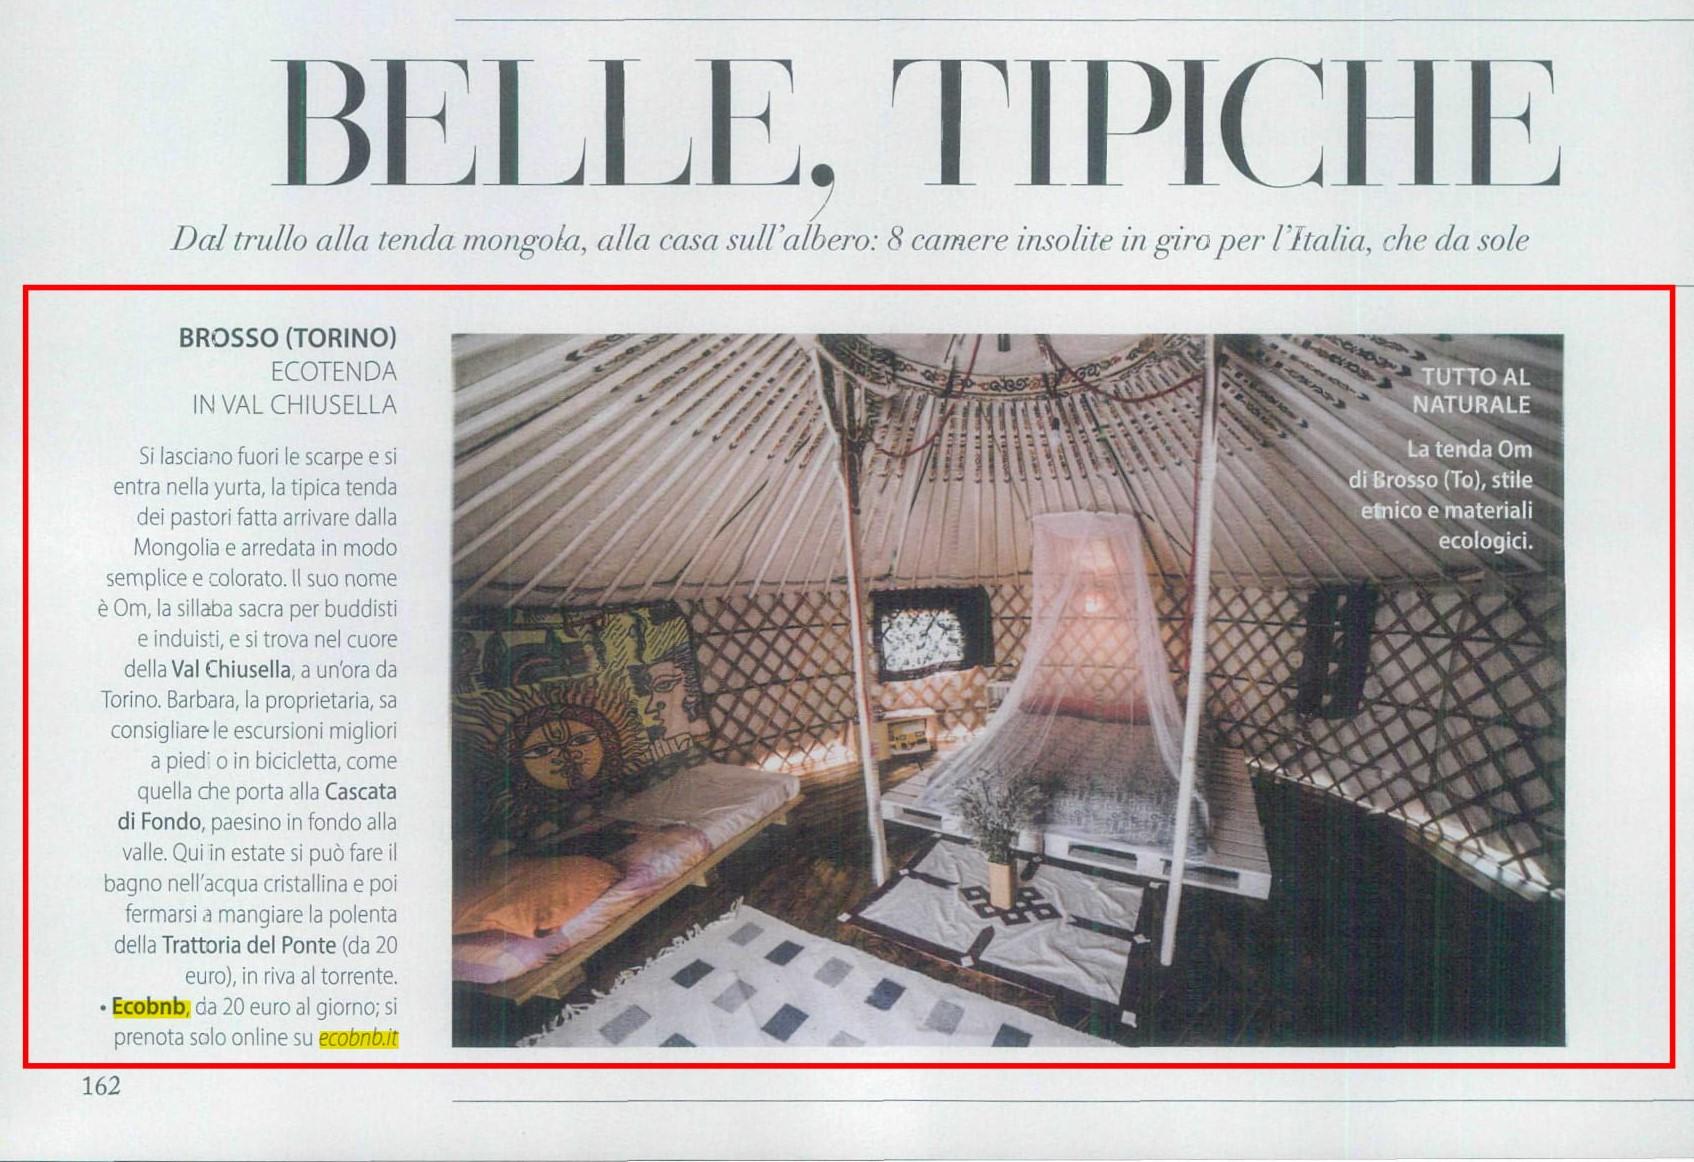 yurta in Val Chiusella, Ecobnb sulla rivista F